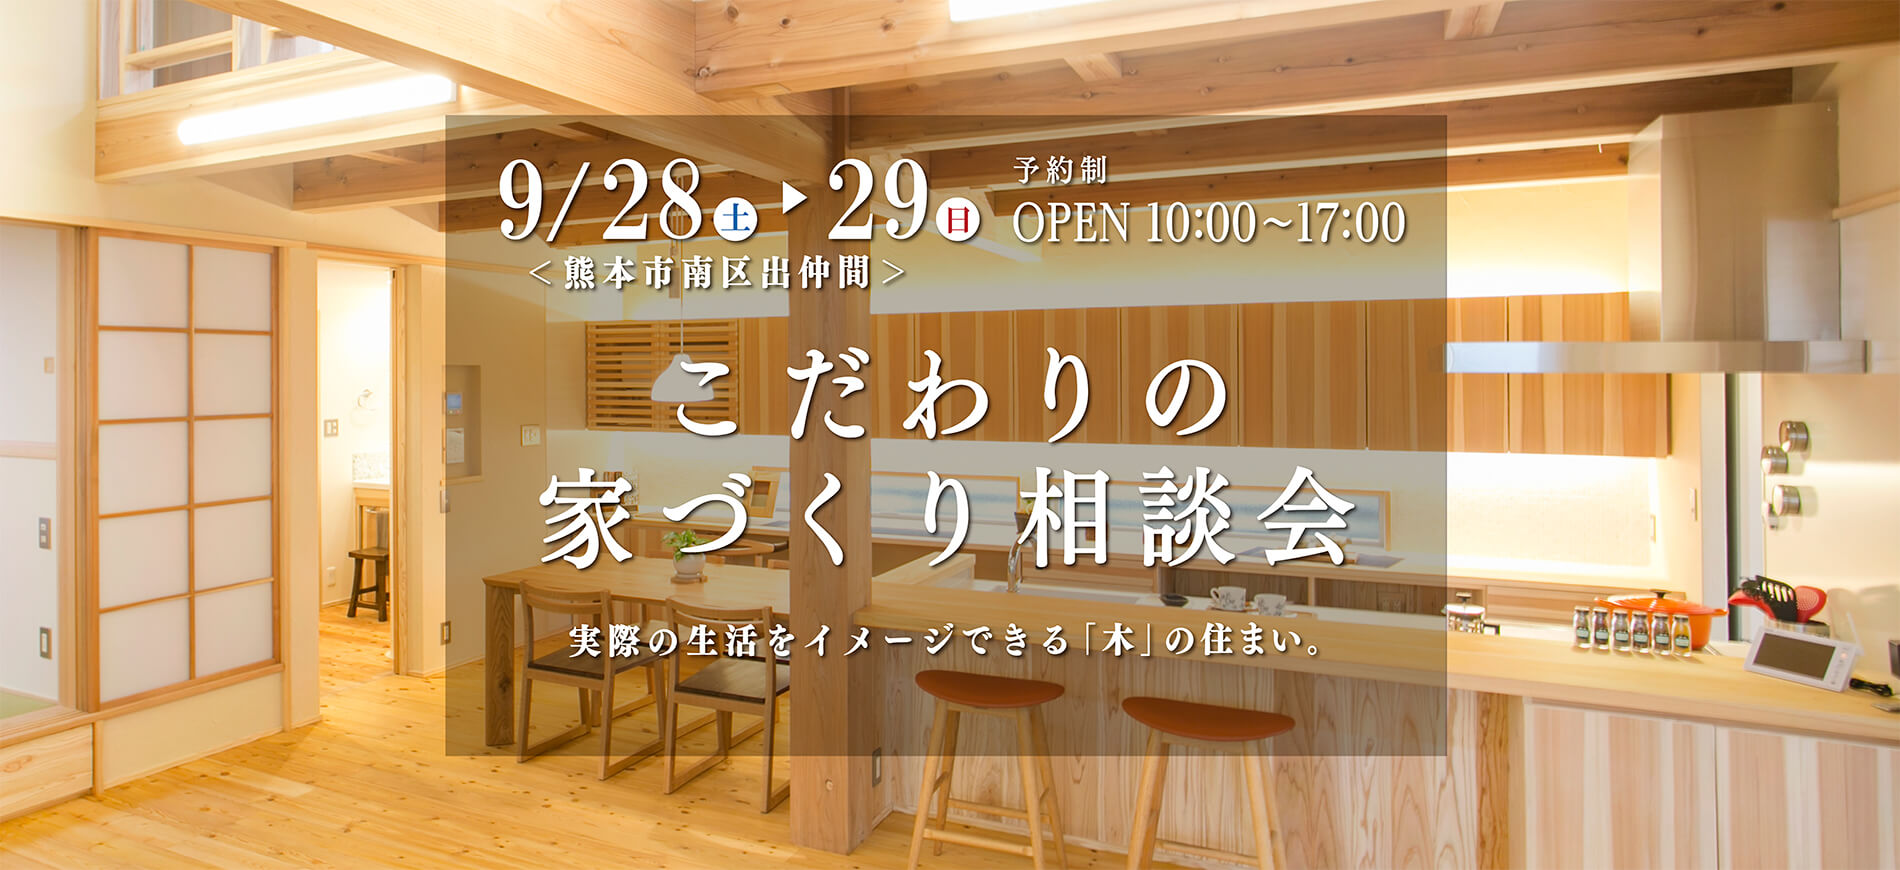 【熊本・新築】9/28(土)、9/29(日)こだわりの家づくり相談会見学会のお知らせ